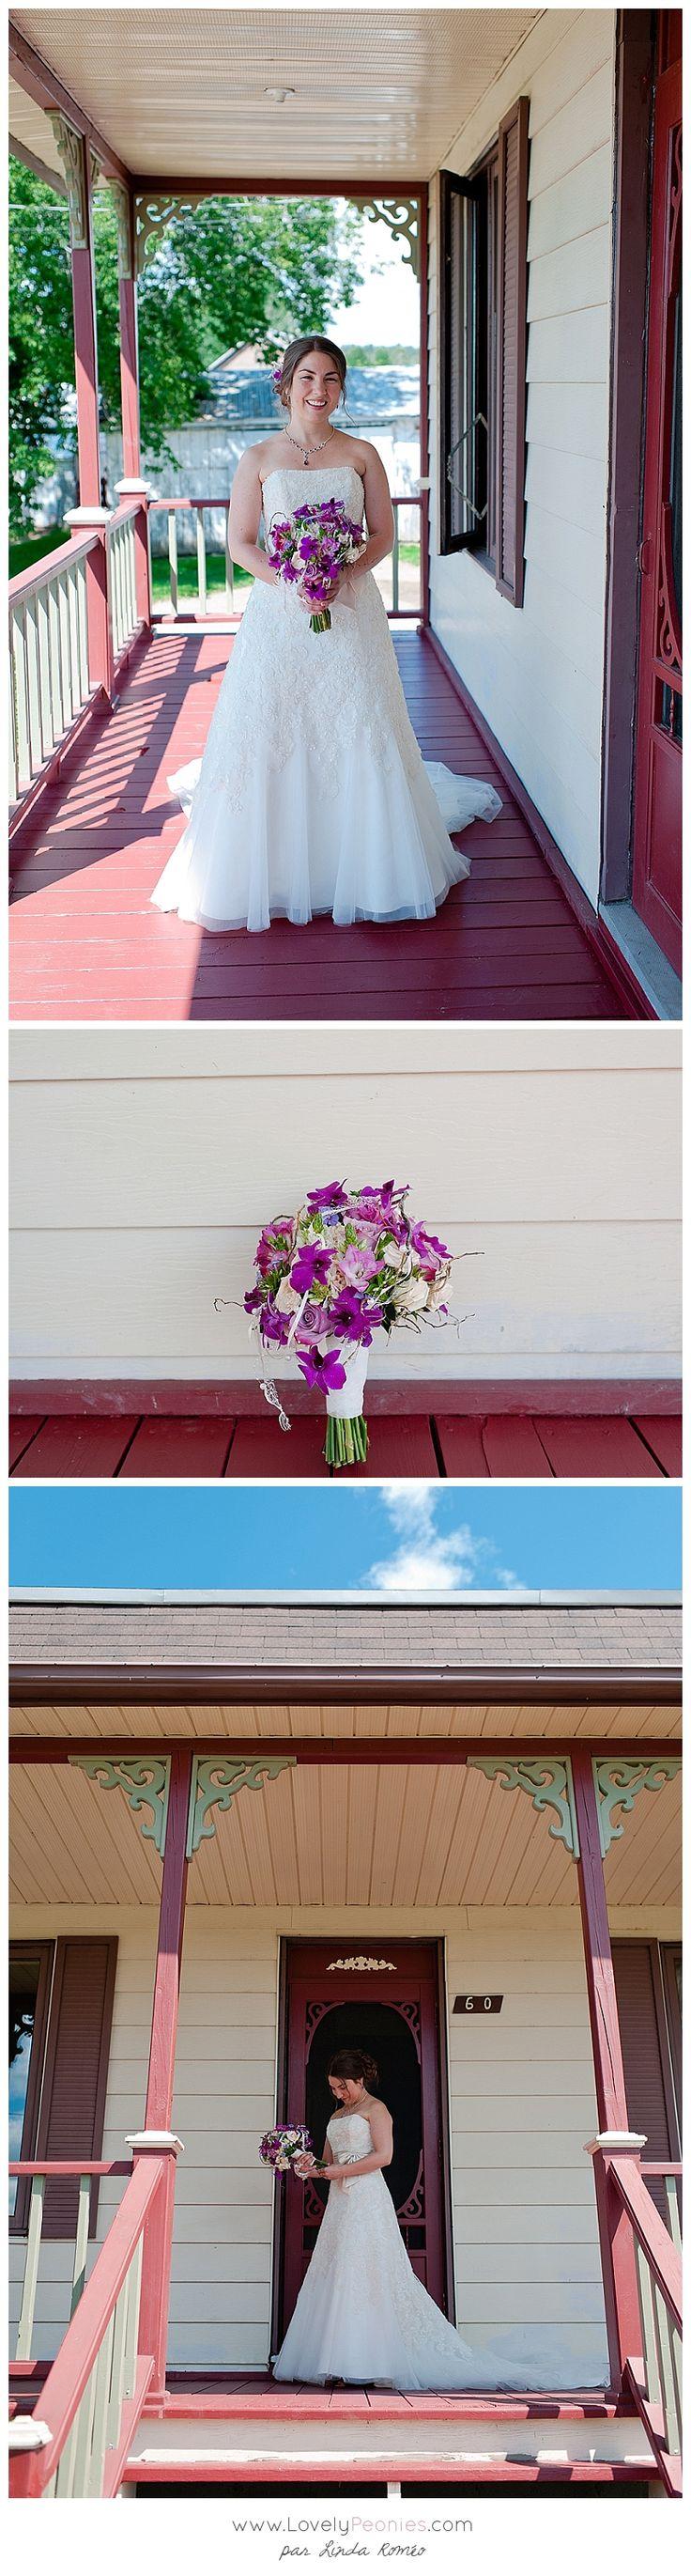 www. Lovelypeonies.com - Reportage mariage au moulin seigneurial de Pointe du lac